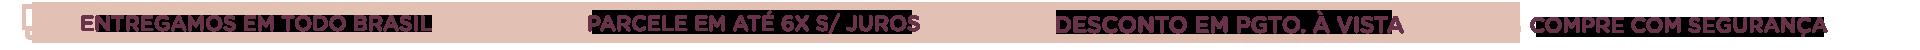 Tarja-1